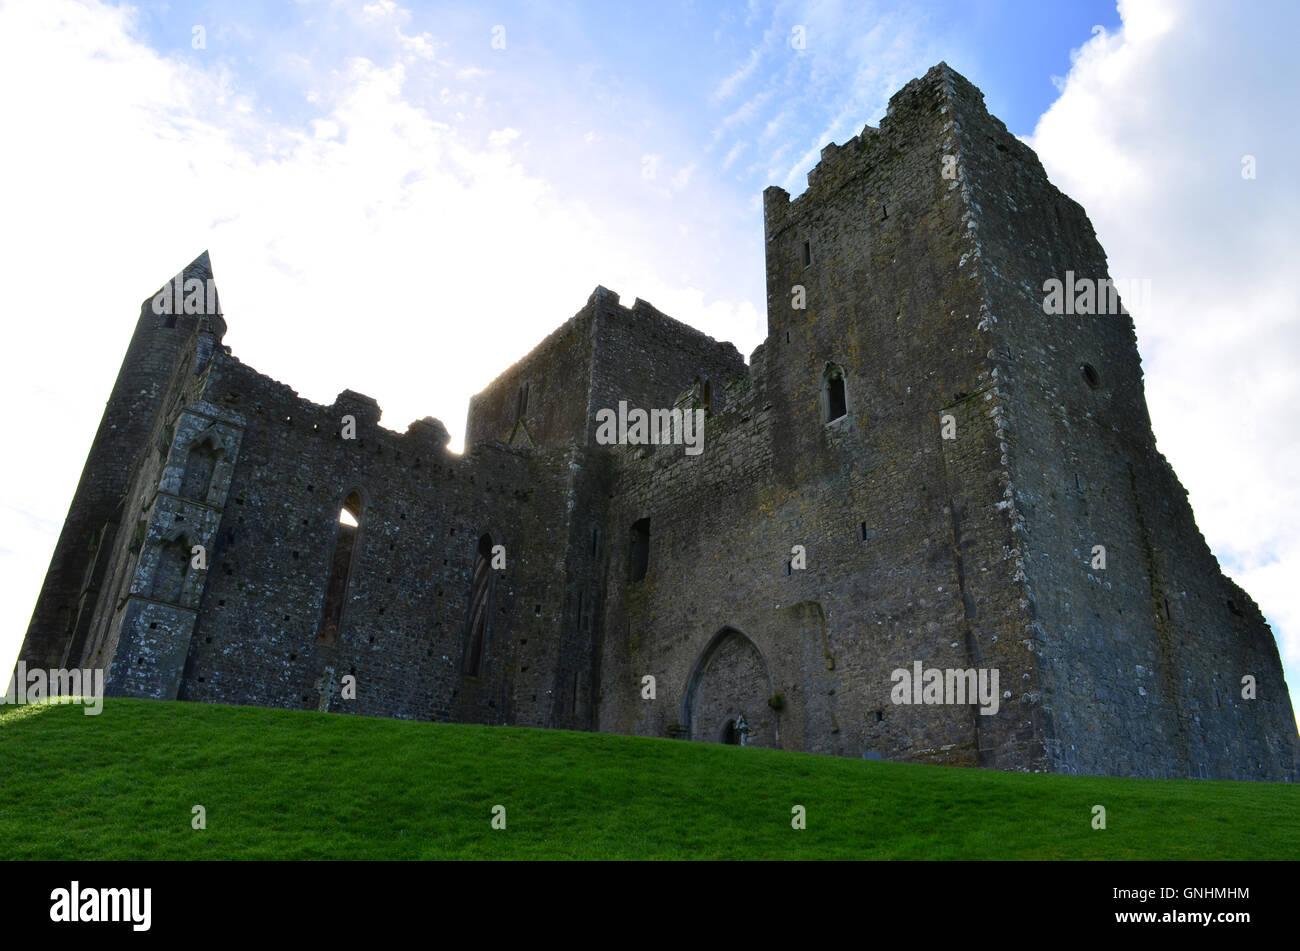 Standing ruins of the Rock of Cashel in Ireland. - Stock Image